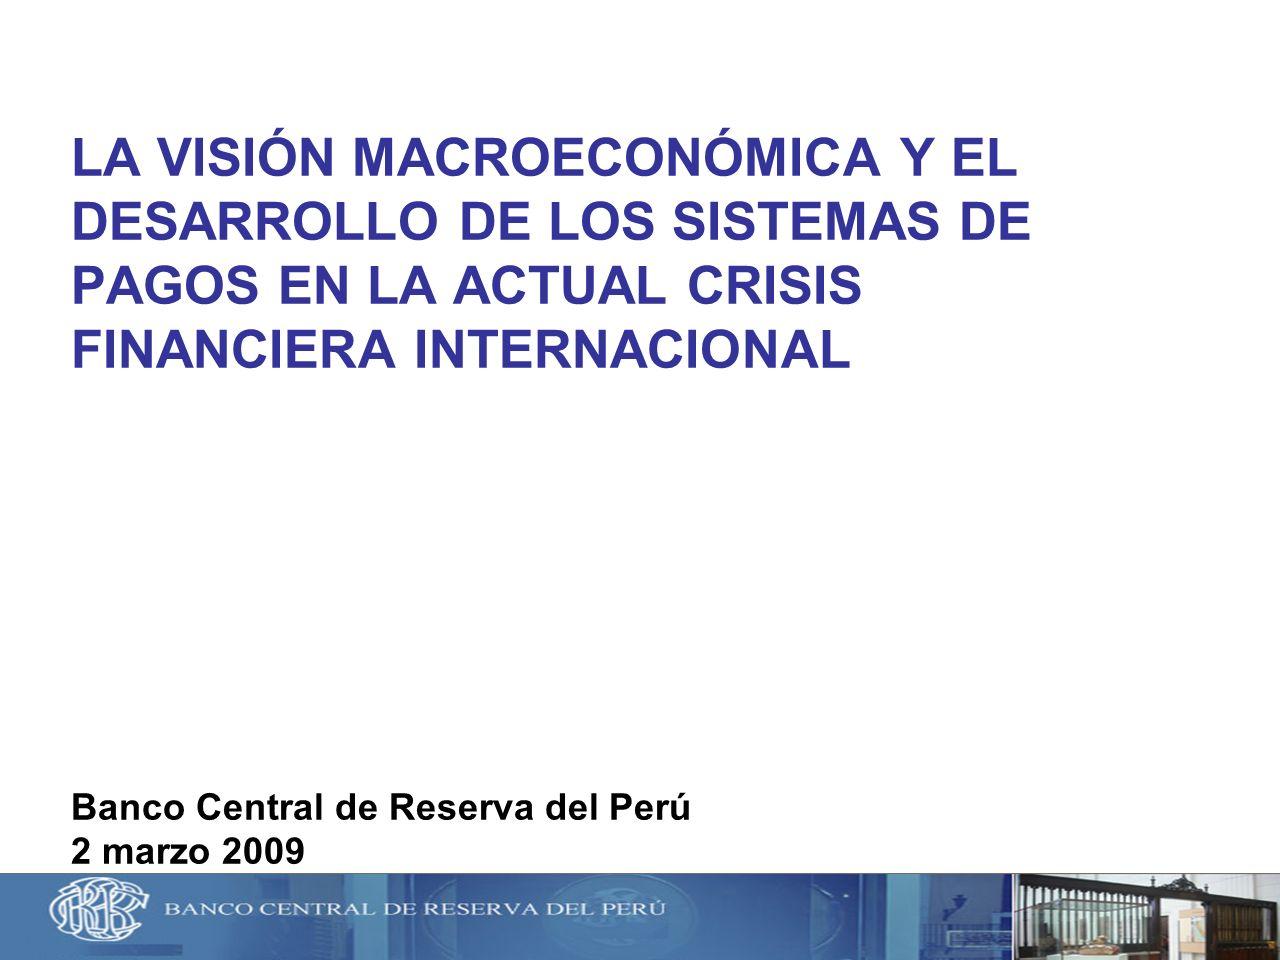 LA VISIÓN MACROECONÓMICA Y EL DESARROLLO DE LOS SISTEMAS DE PAGOS EN LA ACTUAL CRISIS FINANCIERA INTERNACIONAL Banco Central de Reserva del Perú 2 marzo 2009